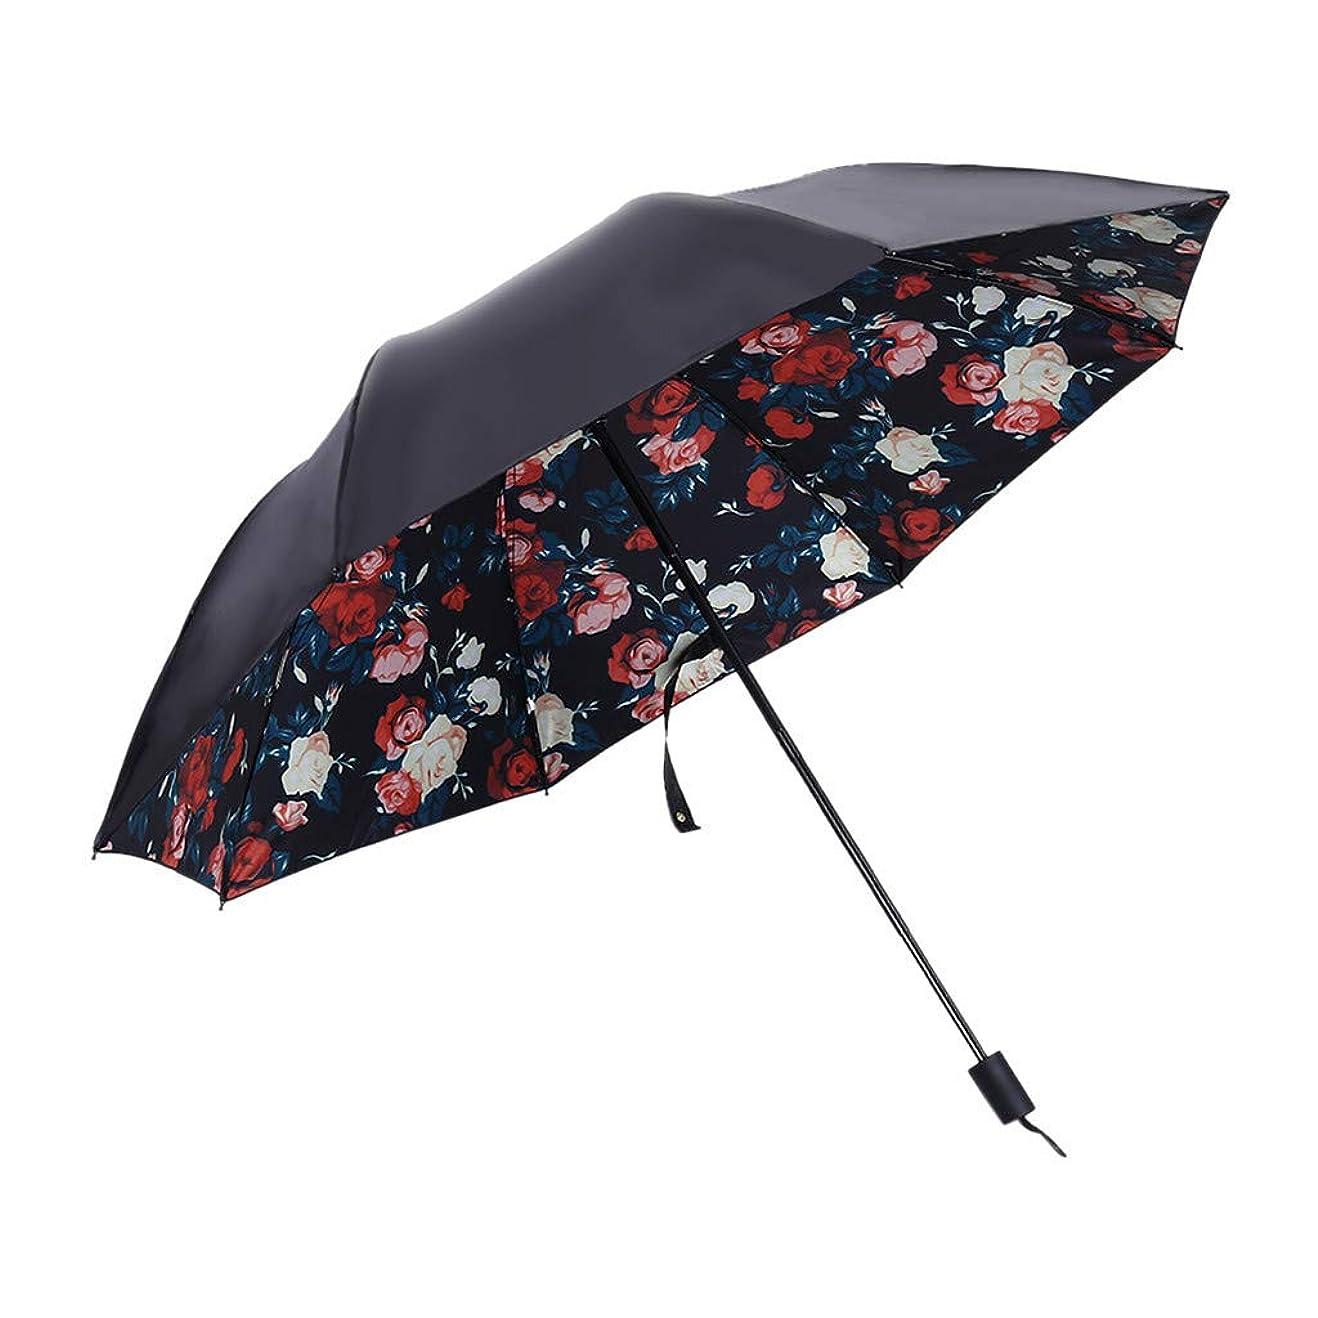 テクトニック組飾る晴雨兼用傘 Kenoua 折りたたみ傘 折り畳み傘 長傘 日傘 日と雨の兼用日傘の折りたたみ日焼け止めUV傘8骨 高強度で強風に負けない 自動開閉 高強度グラスファイバー ランキング 軽量 和傘 和風傘